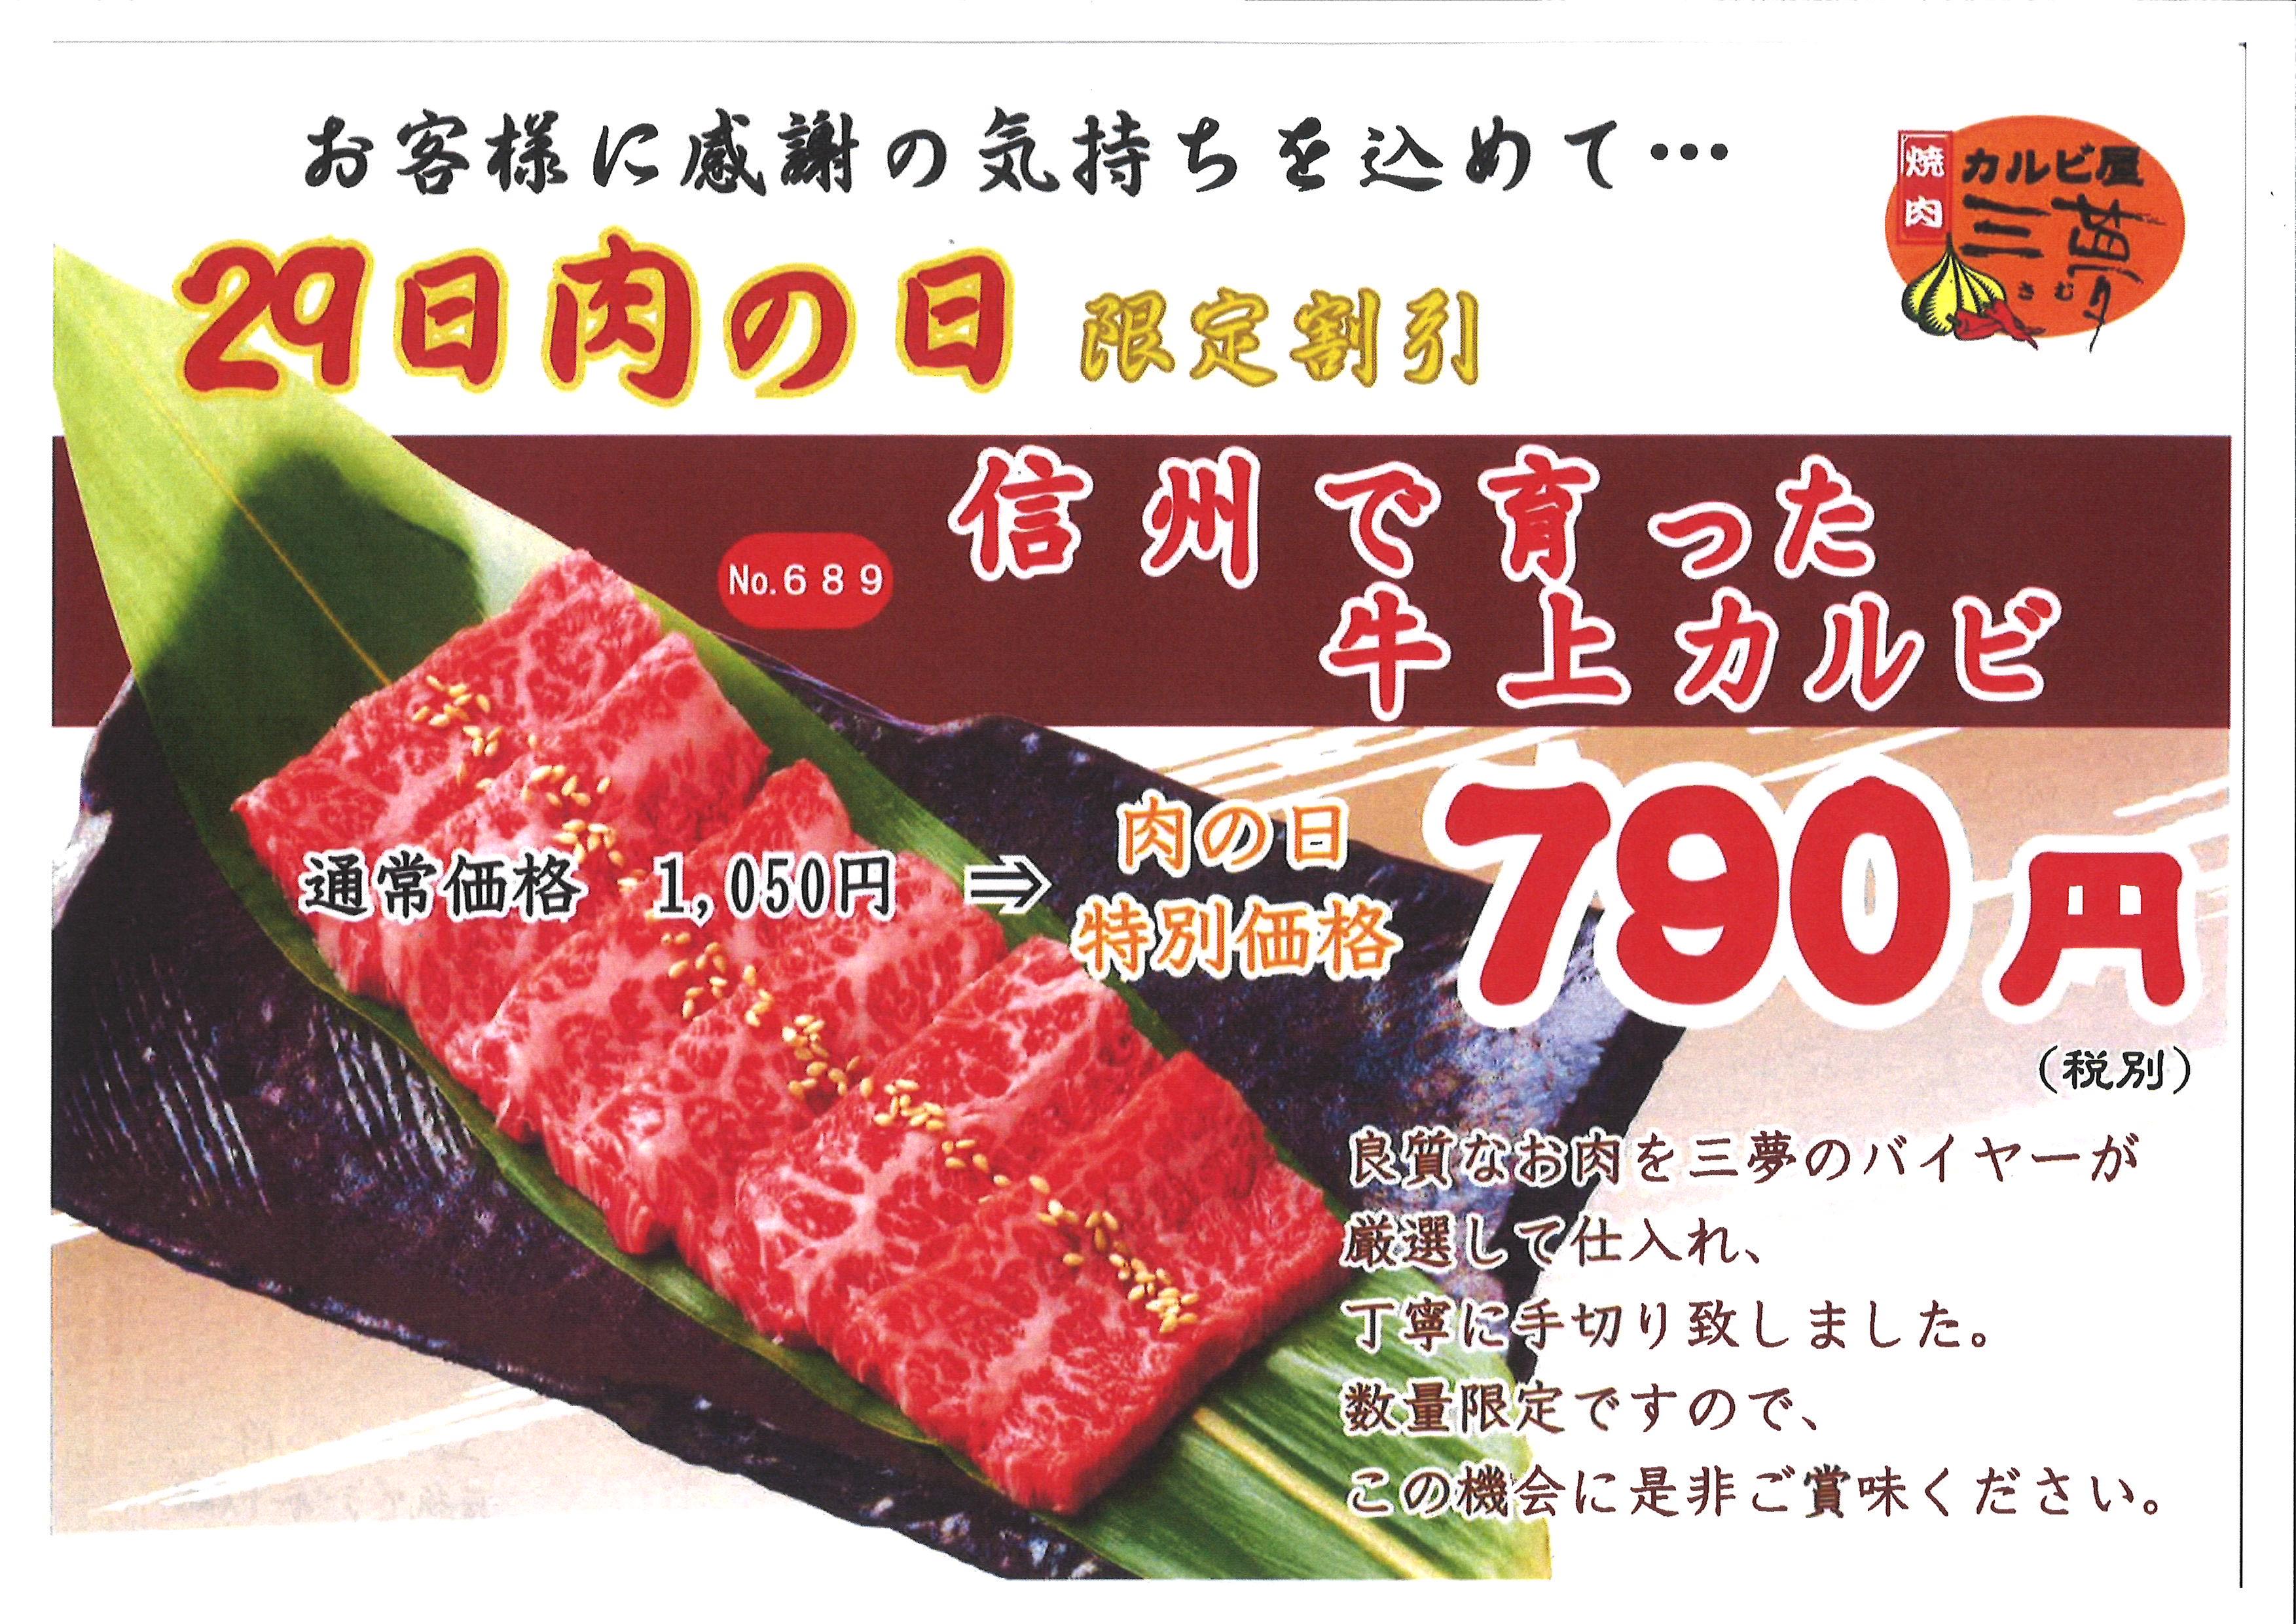 カルビ屋三夢の肉の日!!! 5月29日です!!!